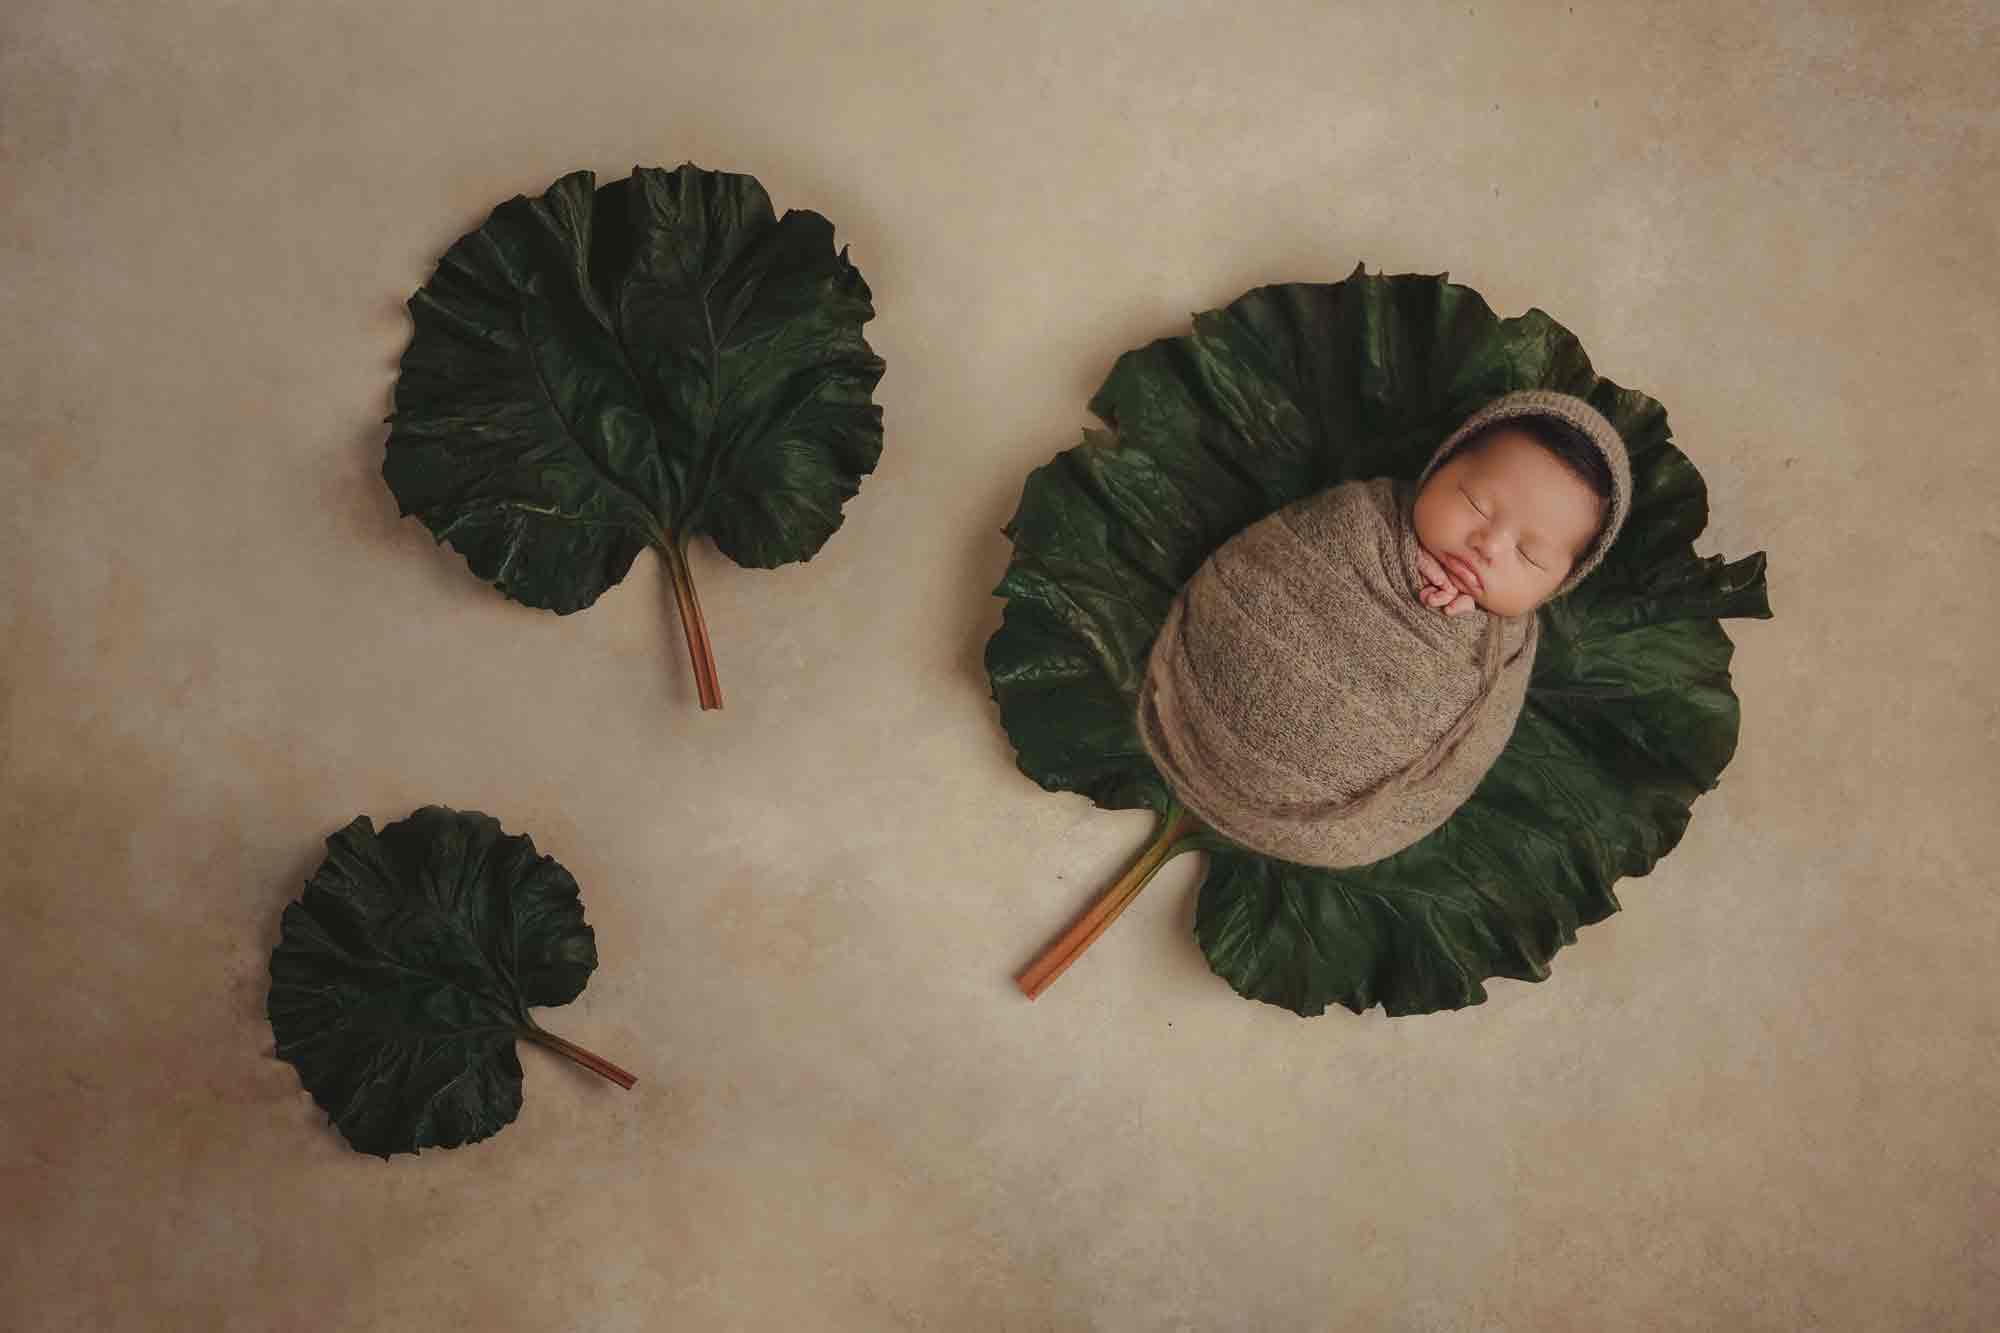 sergio-moreno-fabrica-de-suenos--cursos-de-fotografia-de-recien-nacidos-newborns-fotofest1